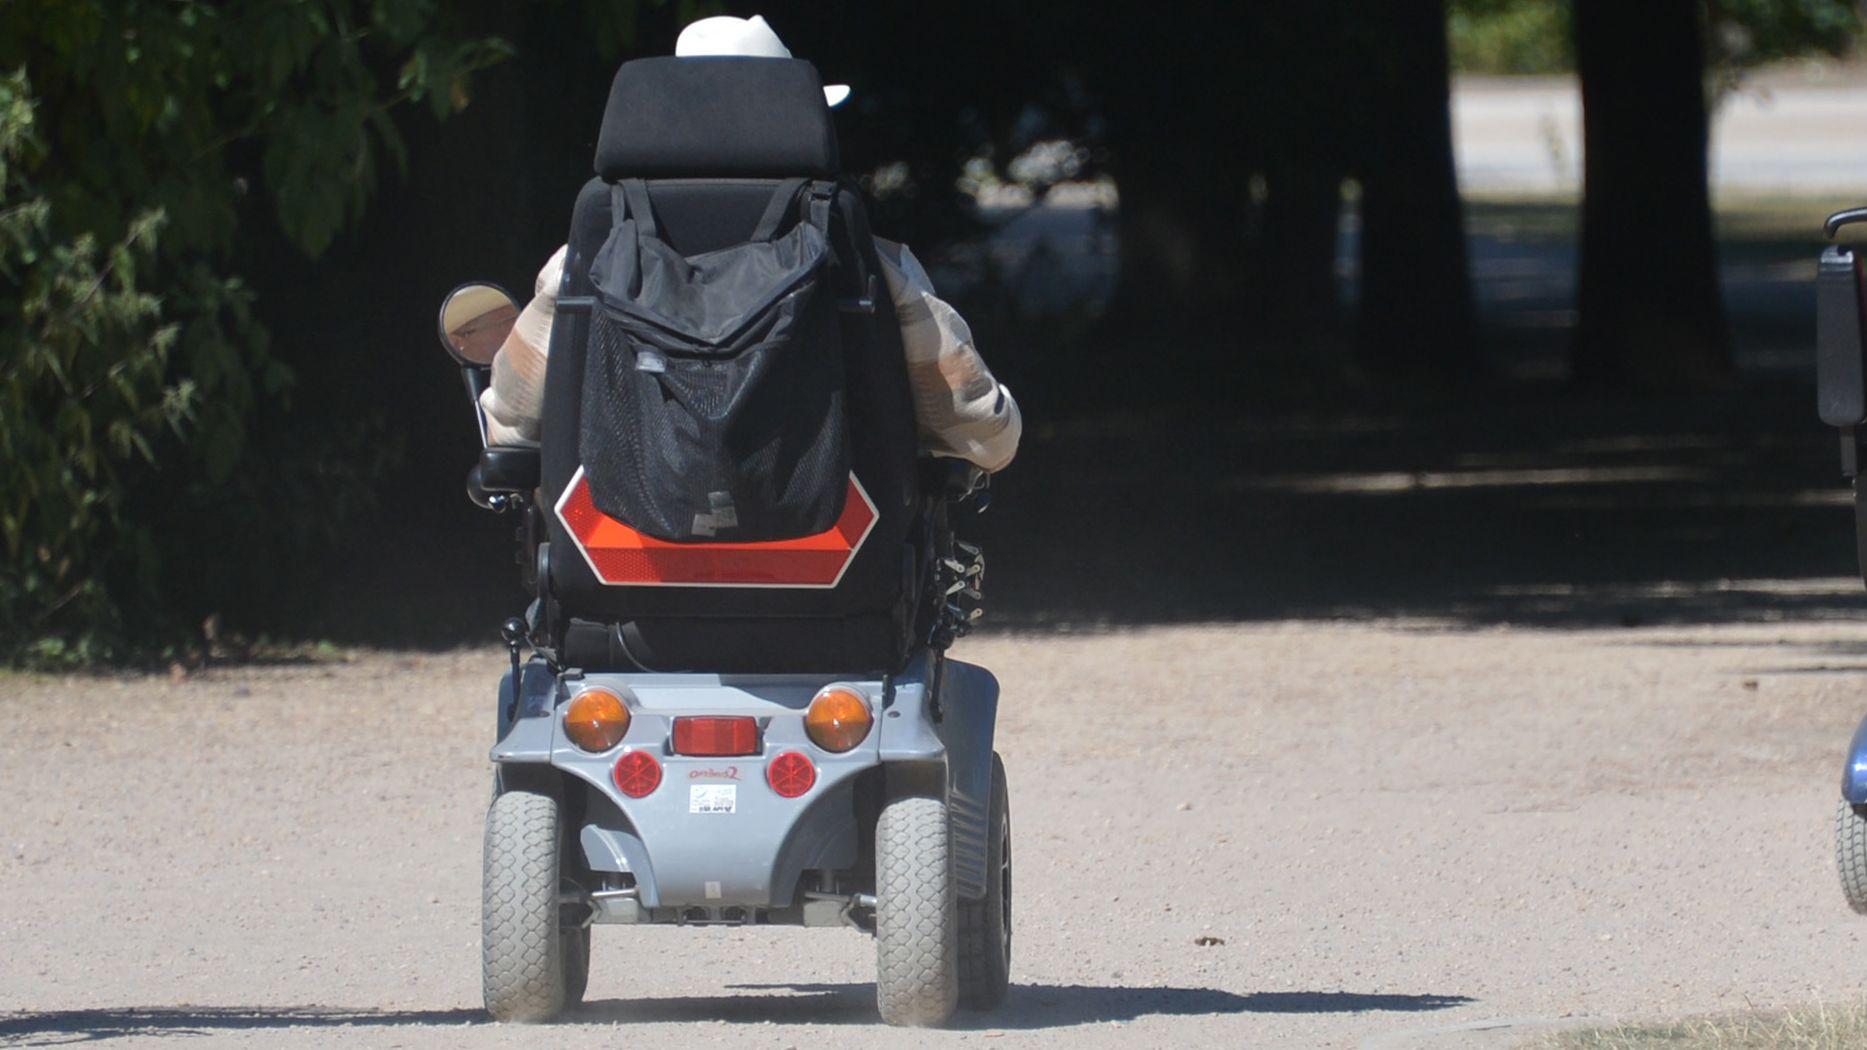 Mann auf einem elektrischen Rollstuhl